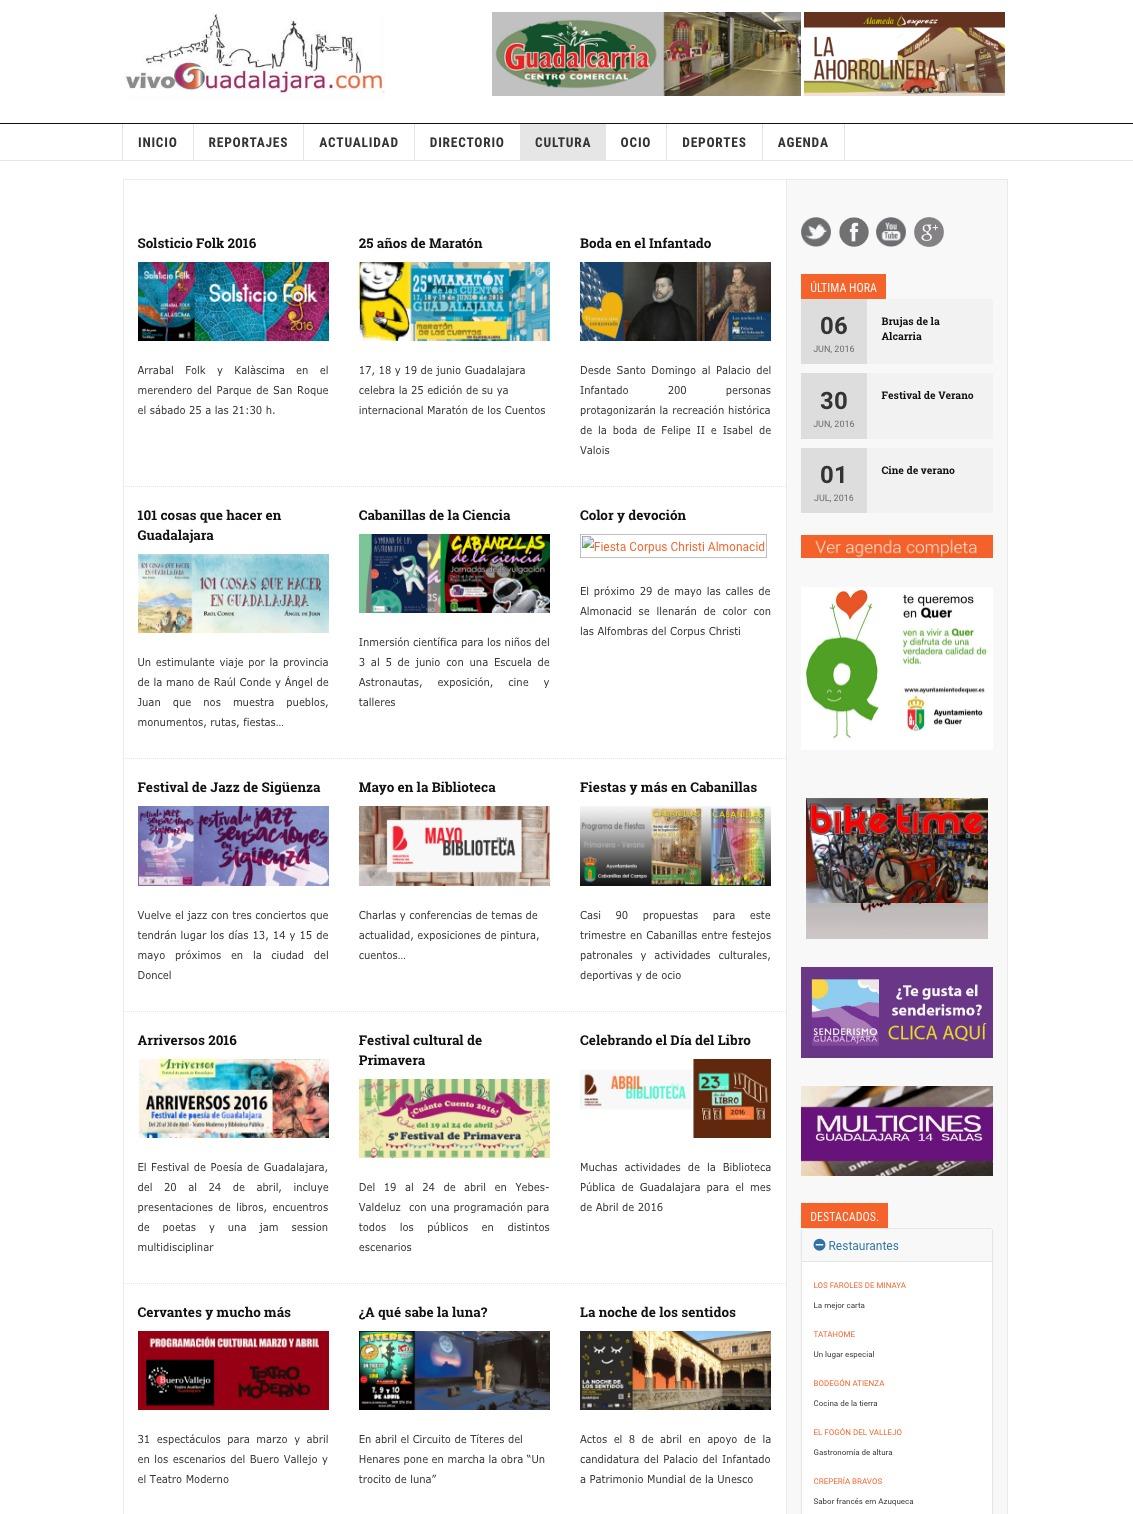 Vista previa de la página de noticias y eventos Vivoguadalajara